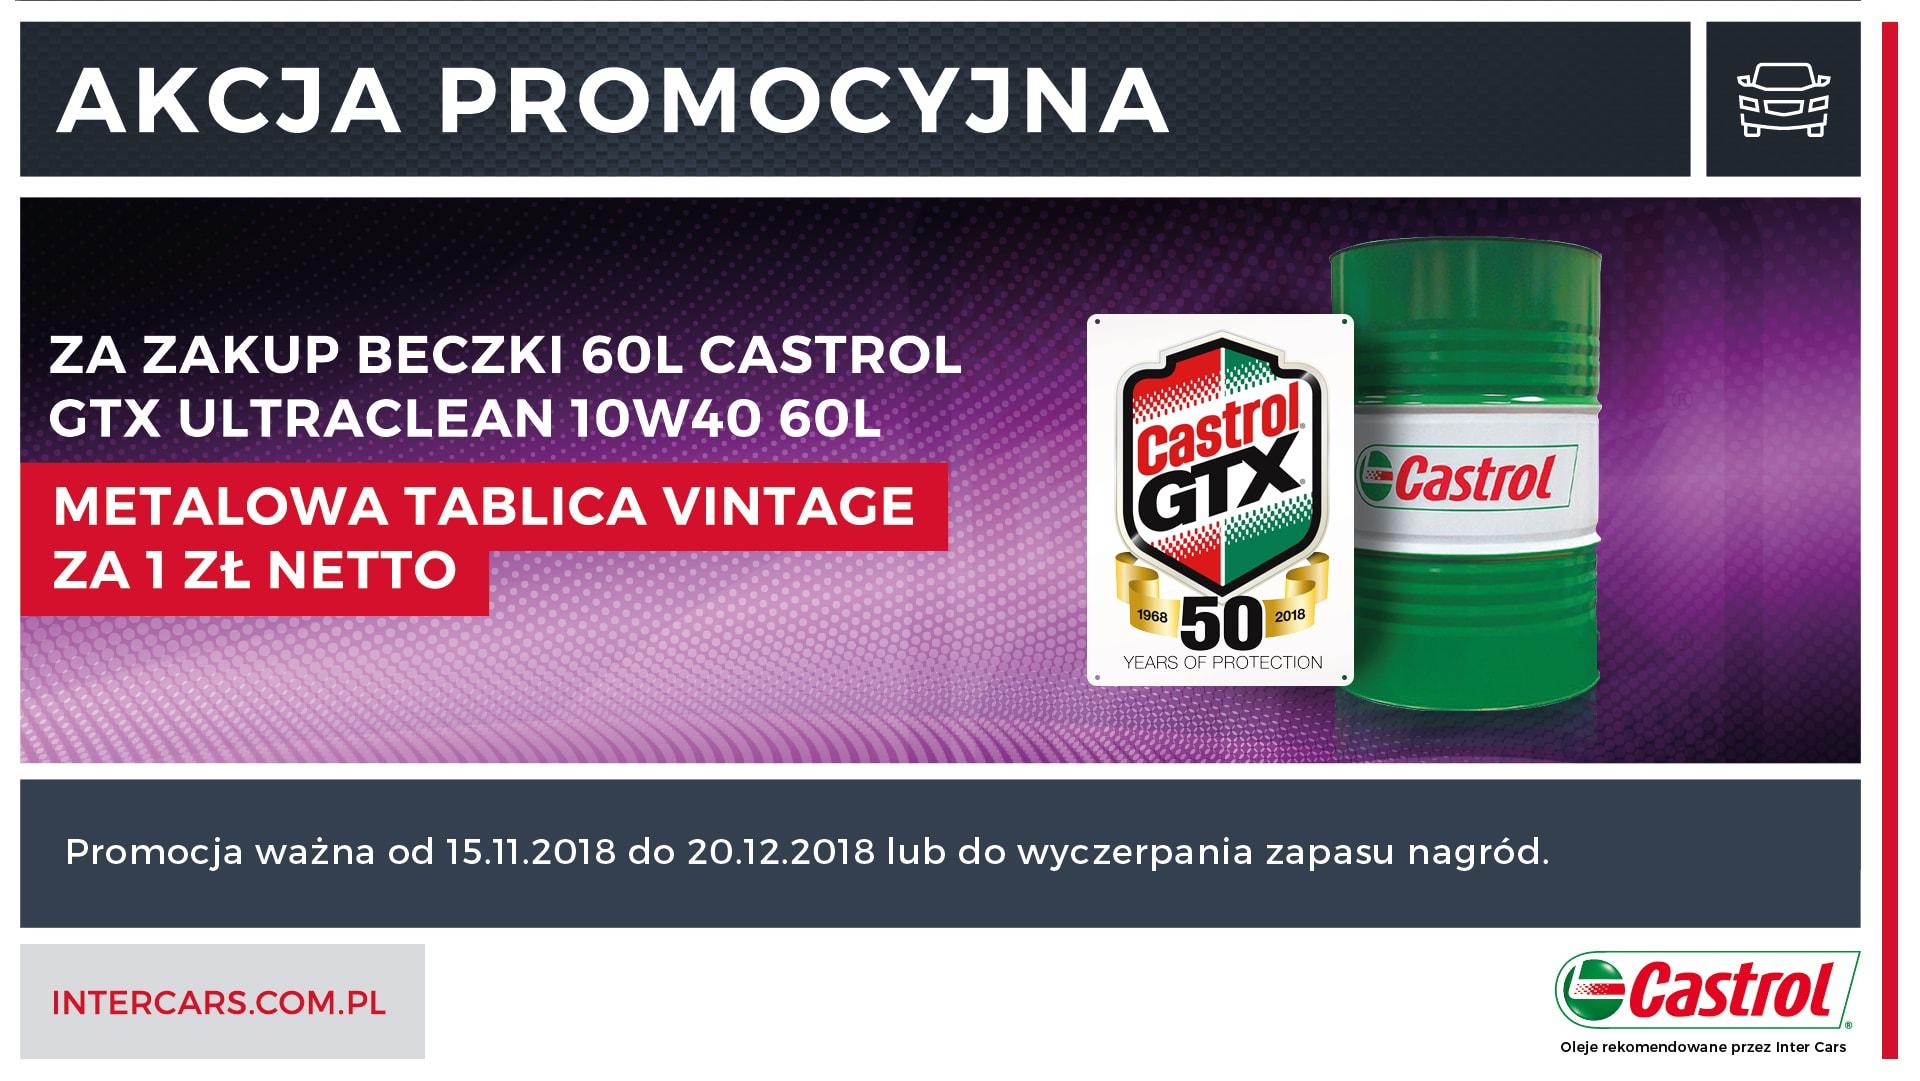 promocja_za_zakup_beczki_60l_Castrol_1920x1080_newsletter.jpg